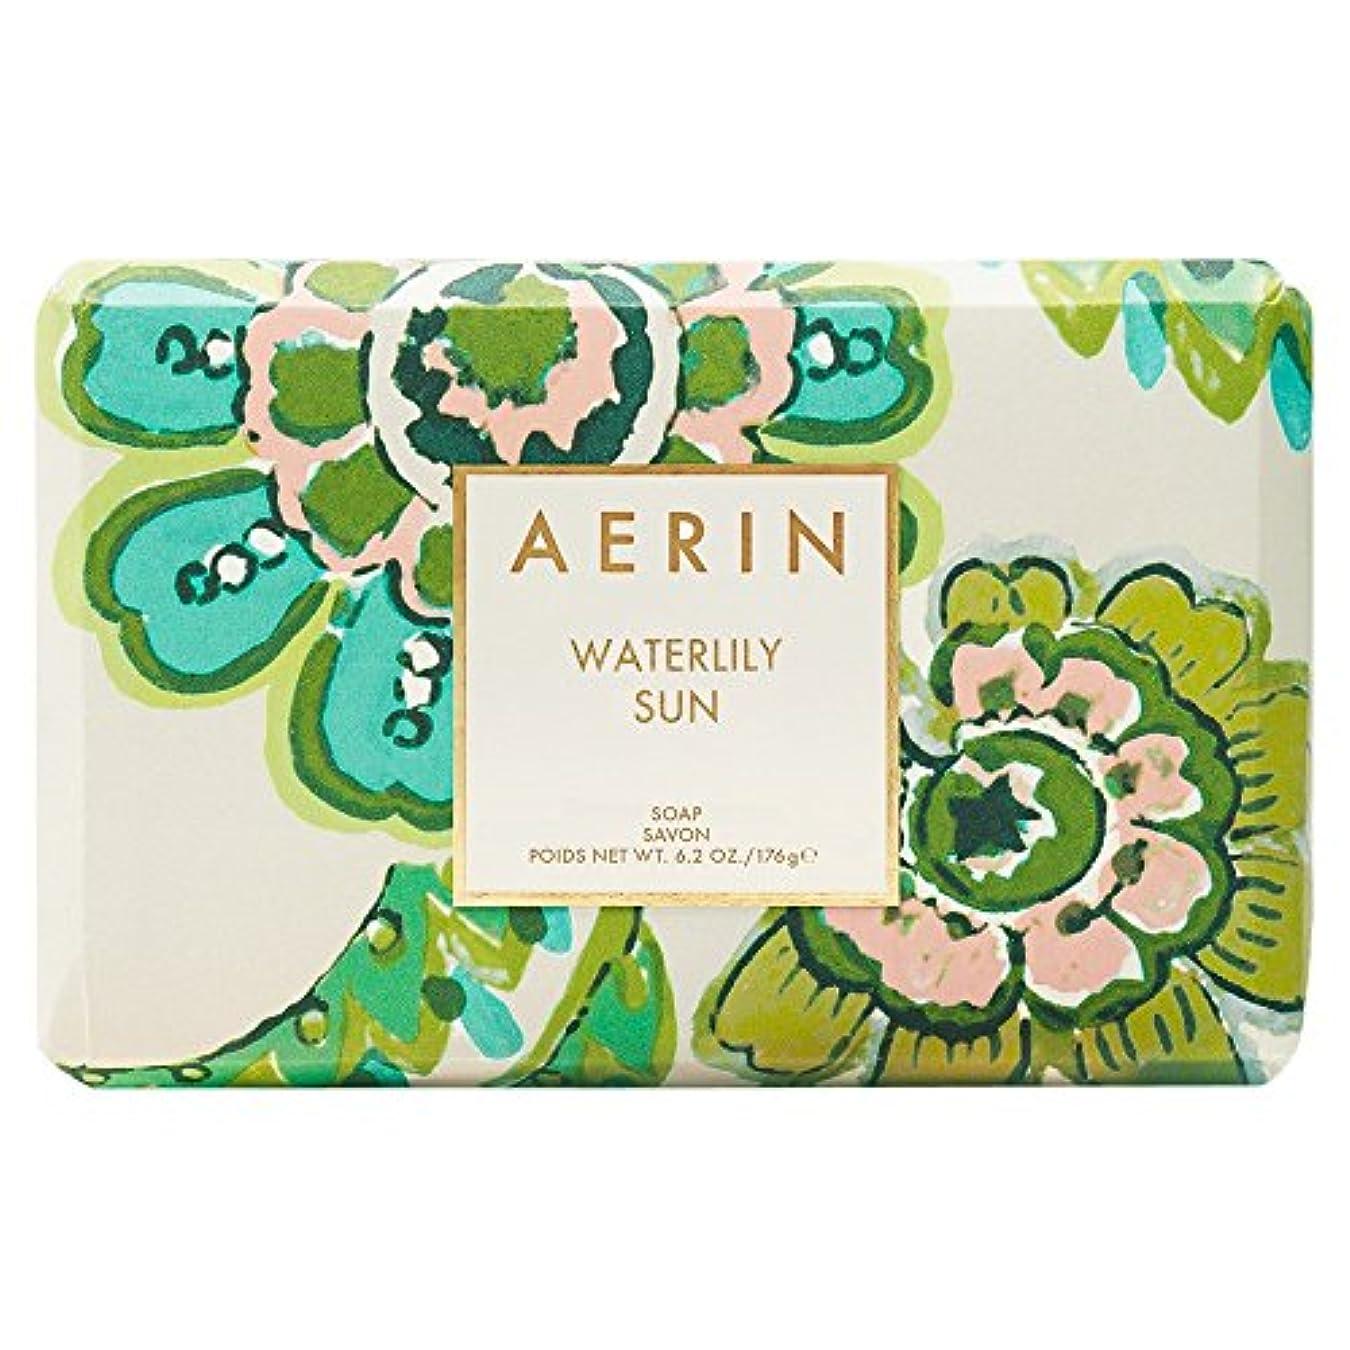 驚かす現像差し迫ったAerinスイレン日石鹸176グラム (AERIN) (x2) - AERIN Waterlily Sun Soap 176g (Pack of 2) [並行輸入品]